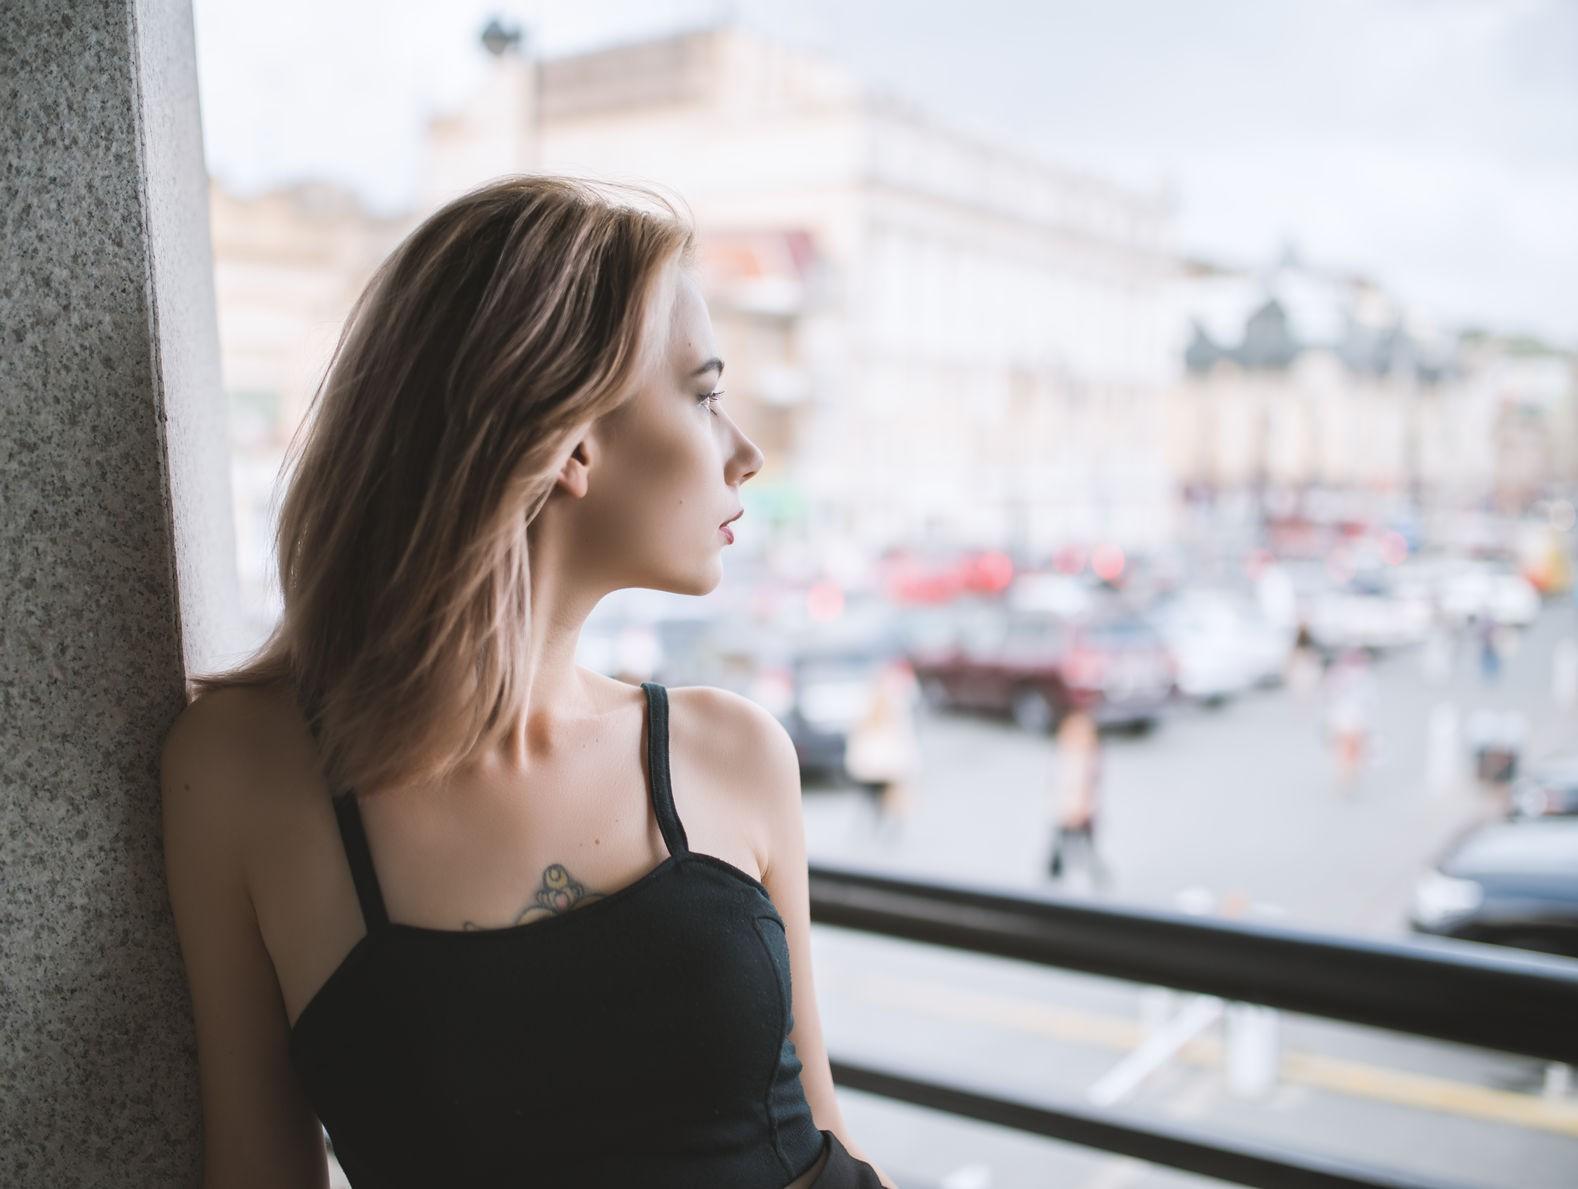 Hàng loạt nguyên nhân chẳng ngờ đến khiến da mặt của bạn ngày càng chảy xệ, lão hóa sớm - Ảnh 5.